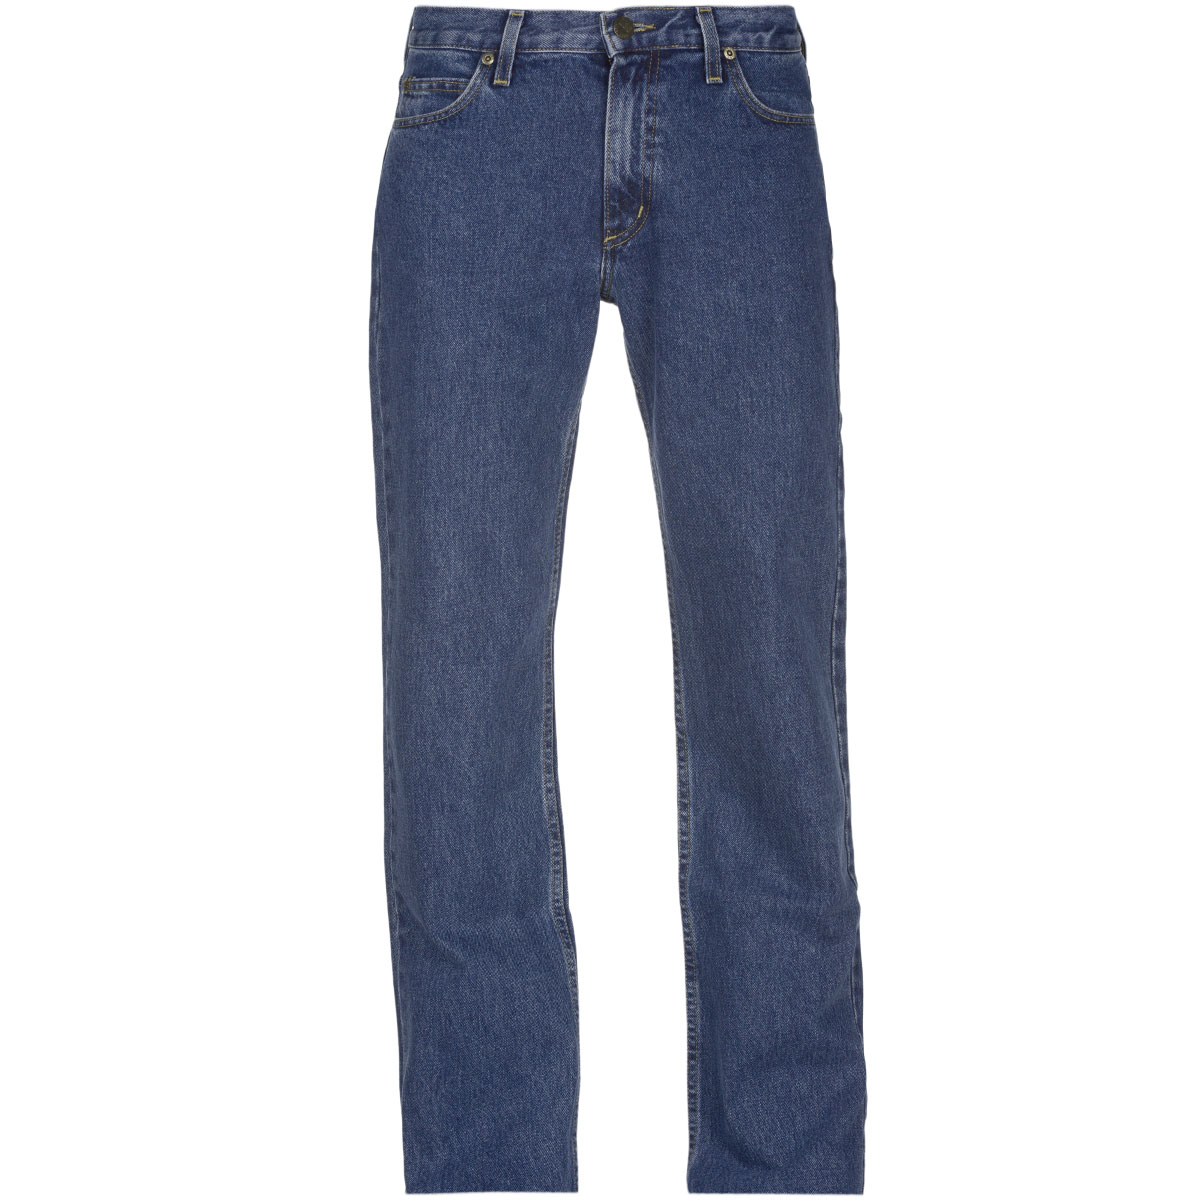 Купить Джинсы мужские Lee Brooklyn Comfort, цвет: синий. L8124446. Размер 31-32 (46/48-32)